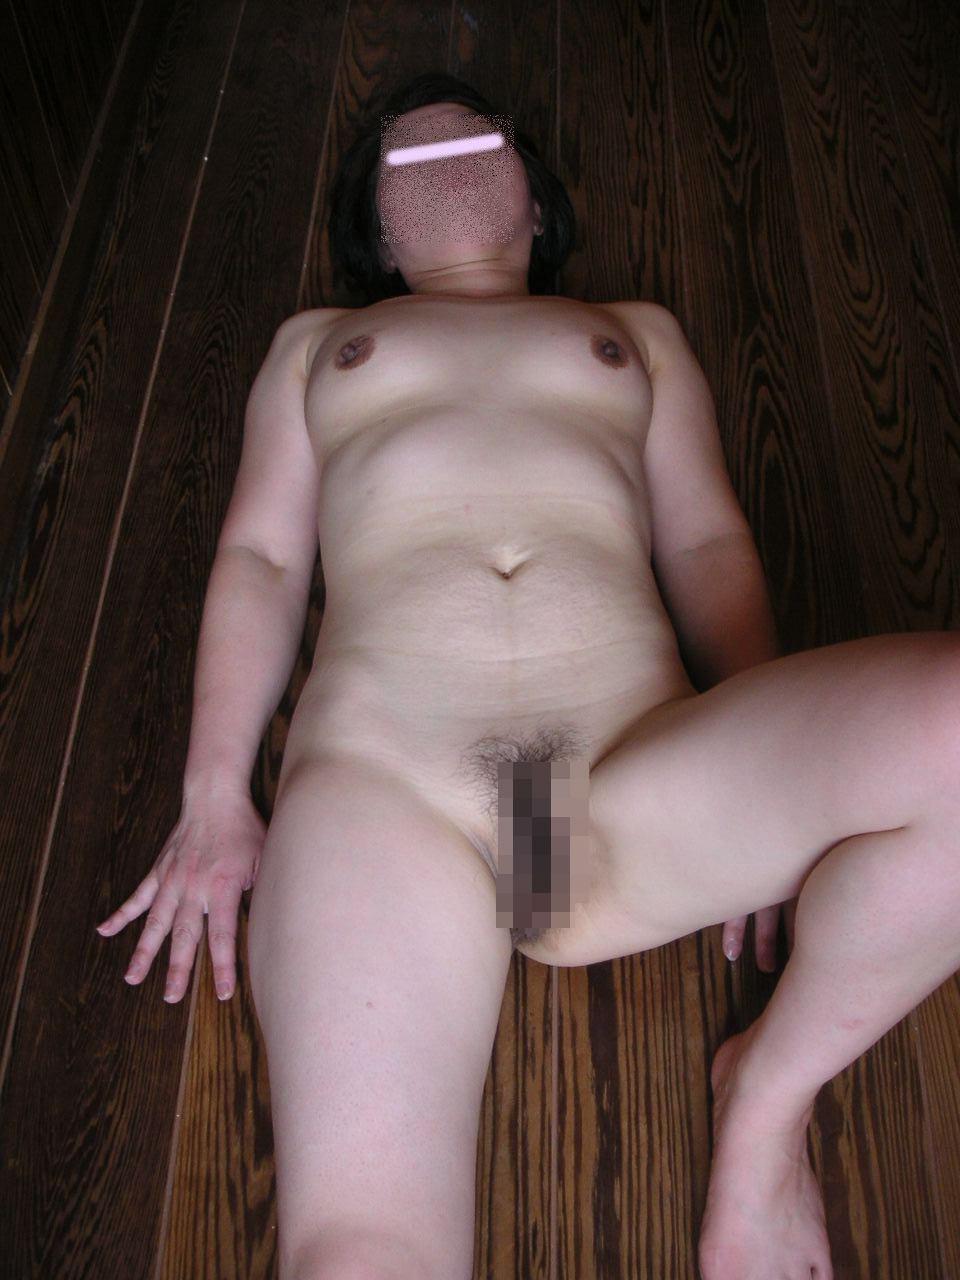 熟女の崩れた裸体ってホントえっちだよなぁーwww50代ポッチャリ系おばさんのエロ画像 1105